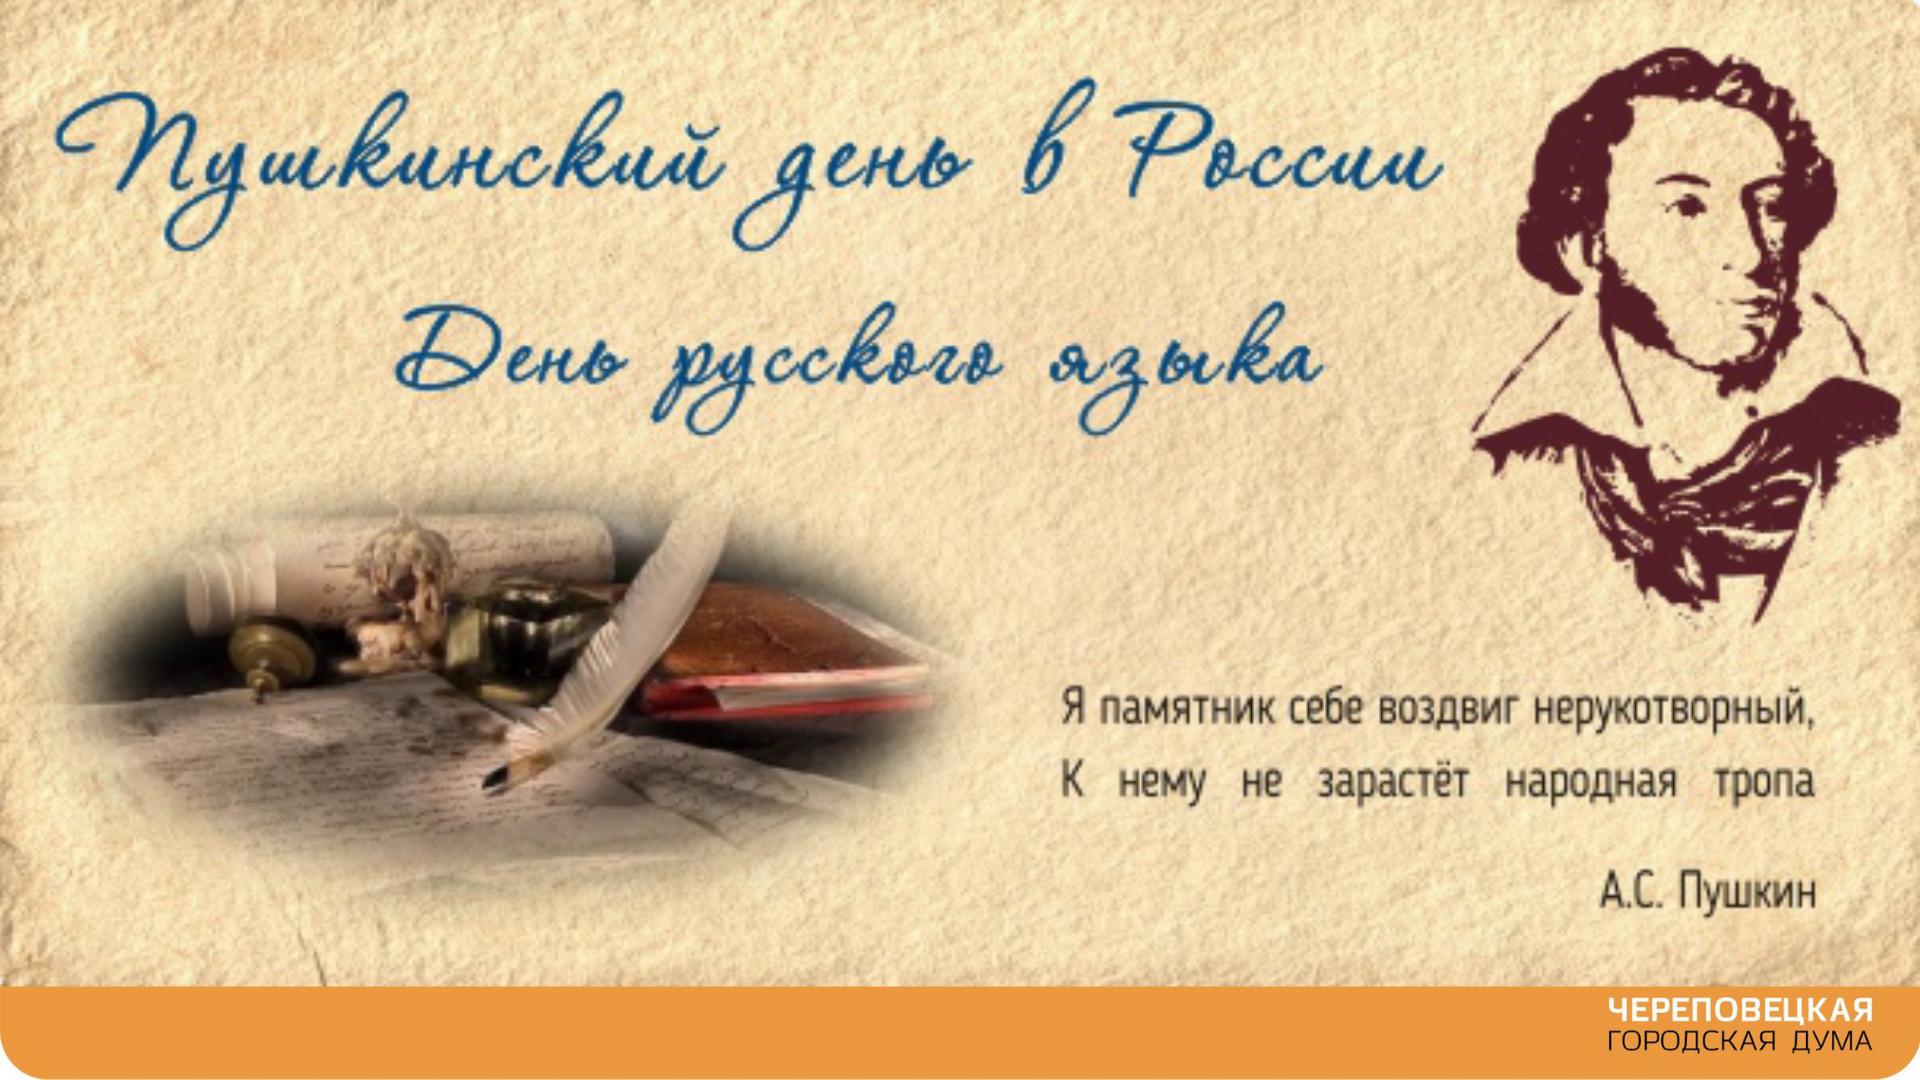 Открытка день русского языка пушкинский день россии, чебурашка